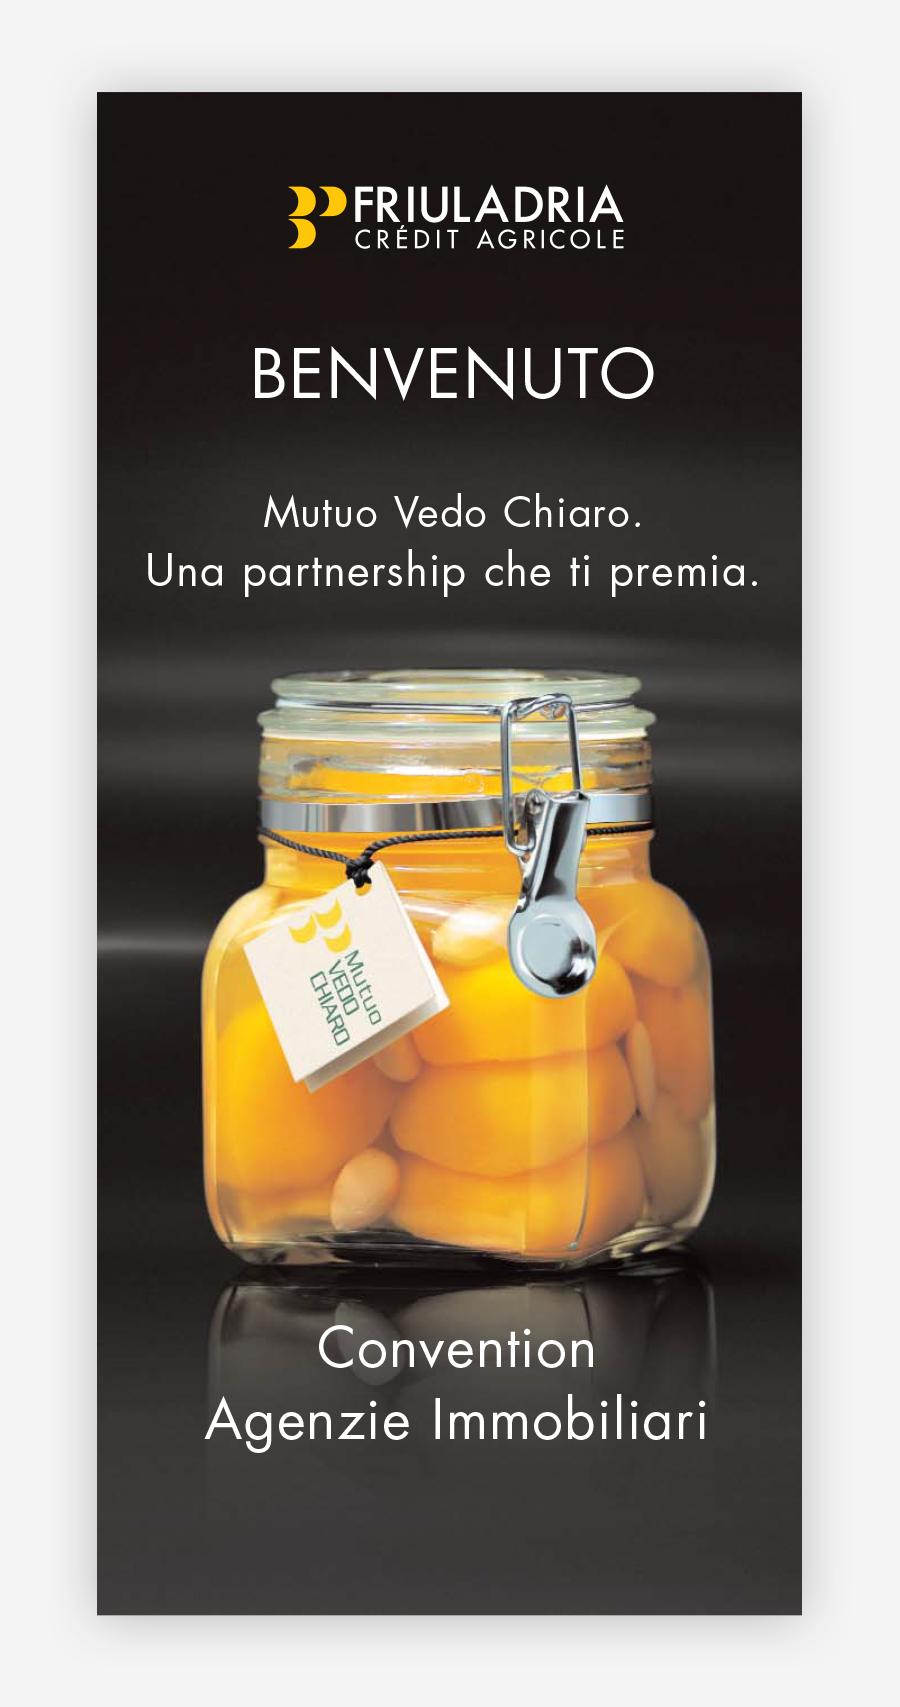 Friuladria Credit Agricole